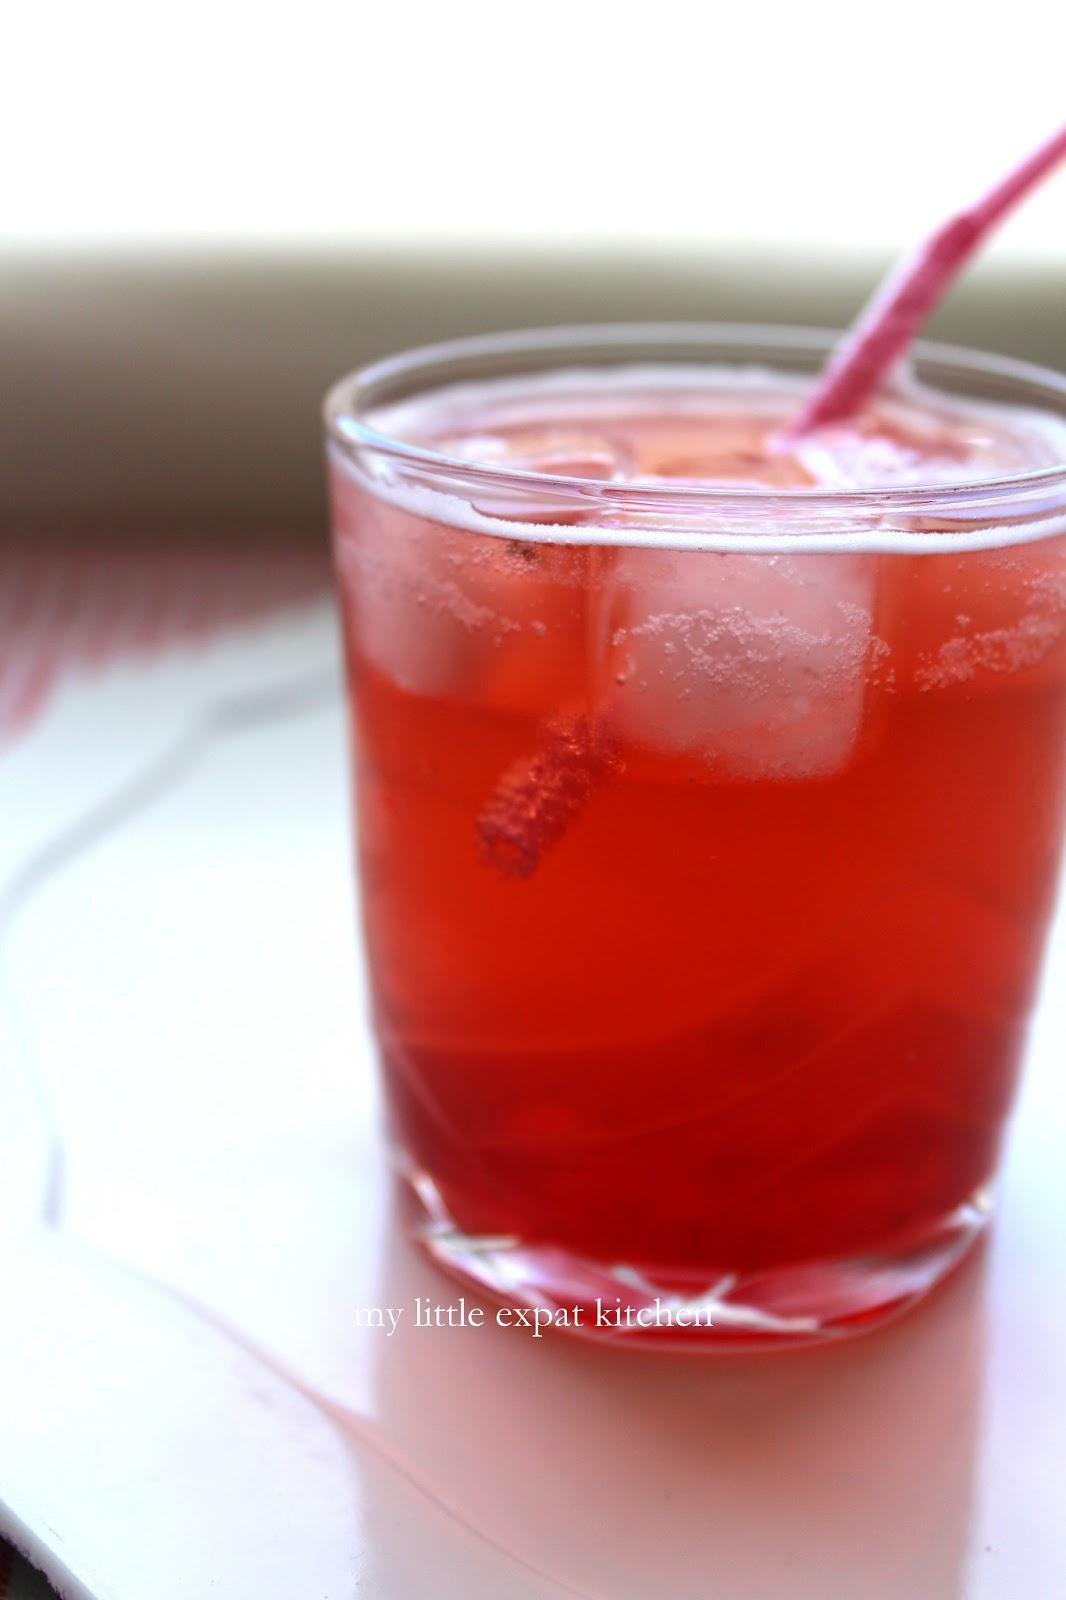 diy raspberry liqueur diy pear liqueur diy strawberry liqueur recipes ...